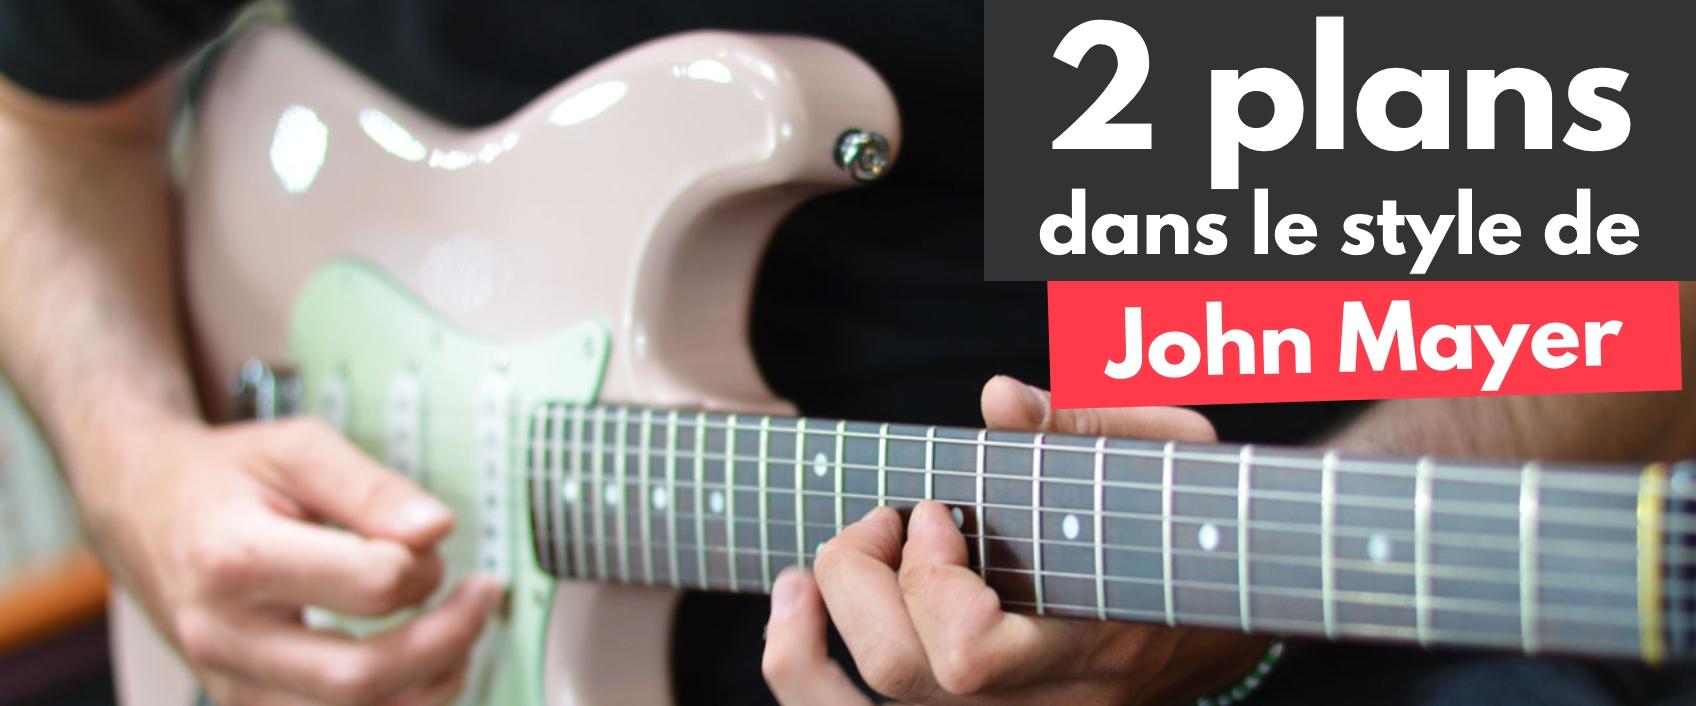 Jouez 2 plans dans le style de John Mayer